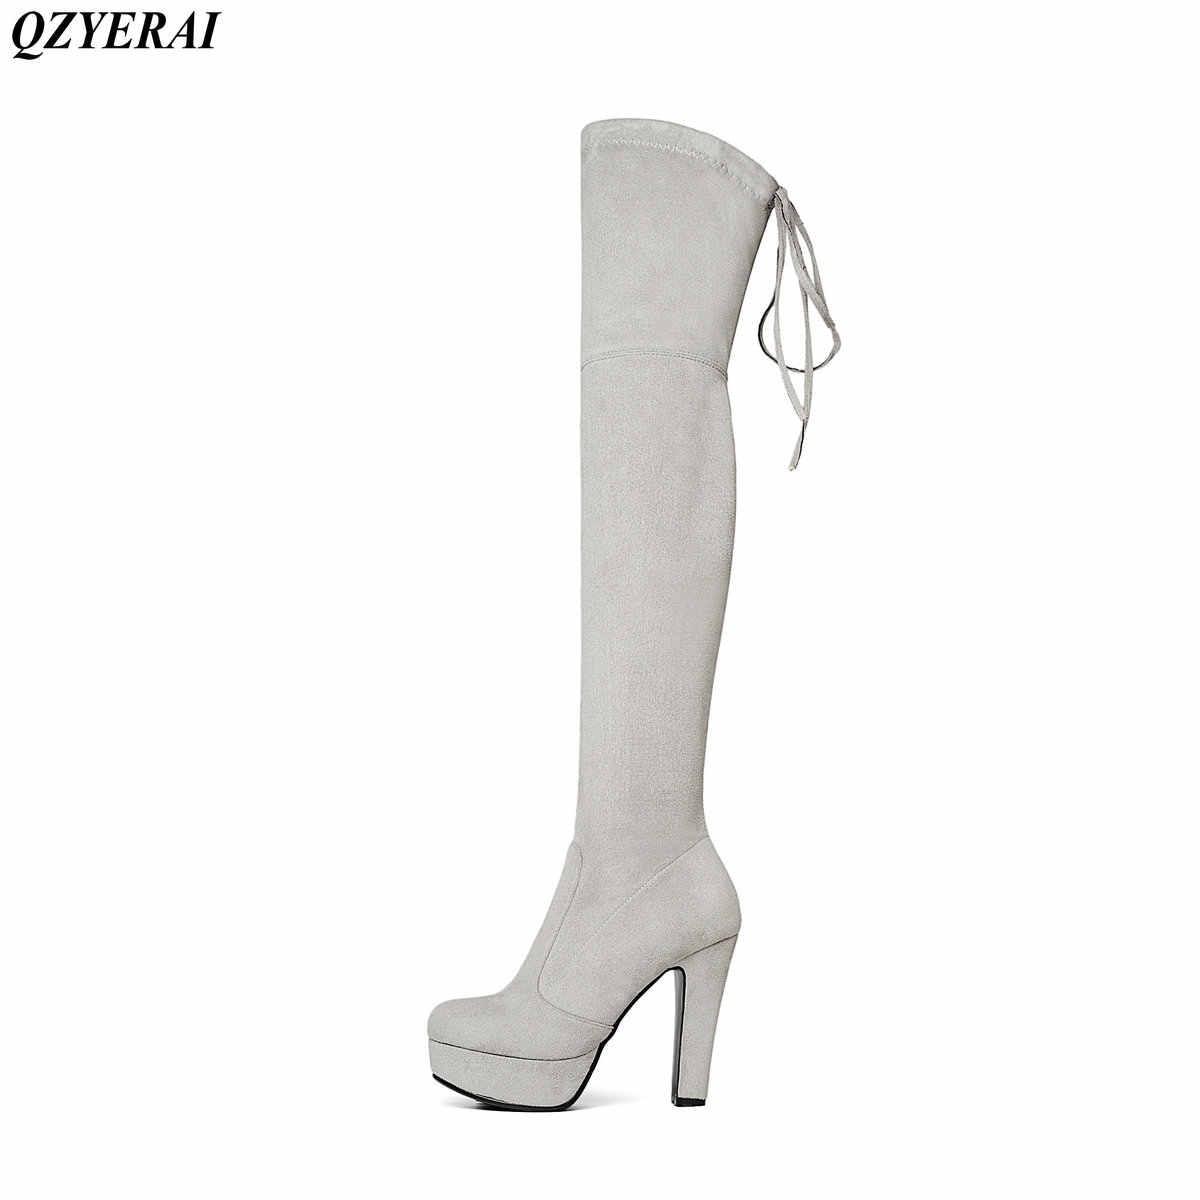 Top Faux daim femmes cuissardes bottes Stretch Slim Sexy mode sur le genou bottes femme chaussures talons hauts noir